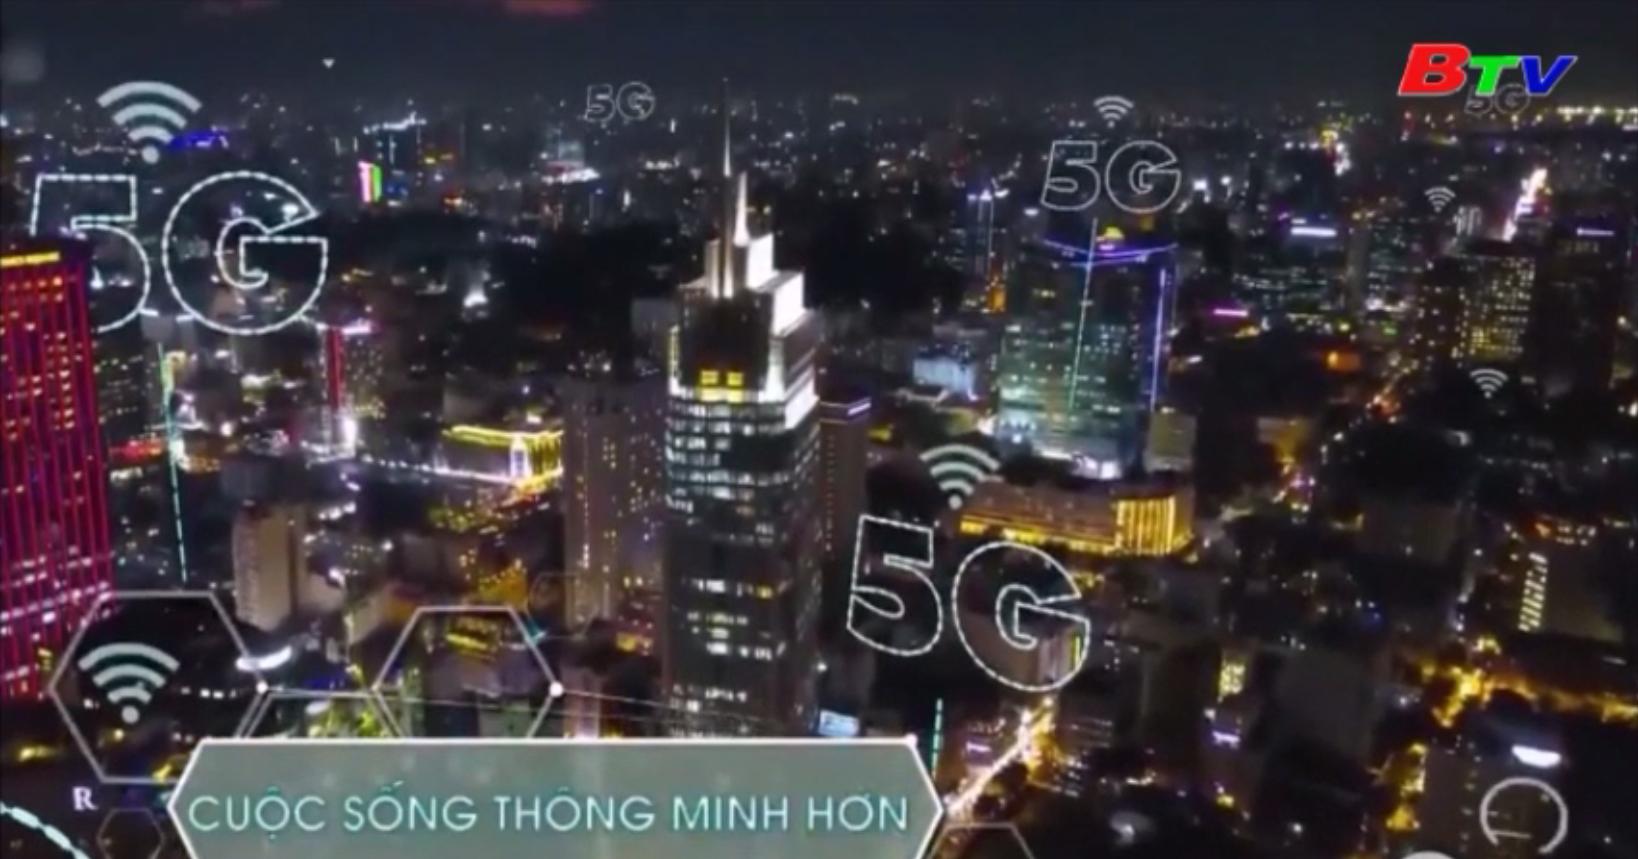 Những sự kiện CNTT tiêu biểu năm 2019 - Các nhà mạng triển khai thử nghiệm công nghệ mạng 5G